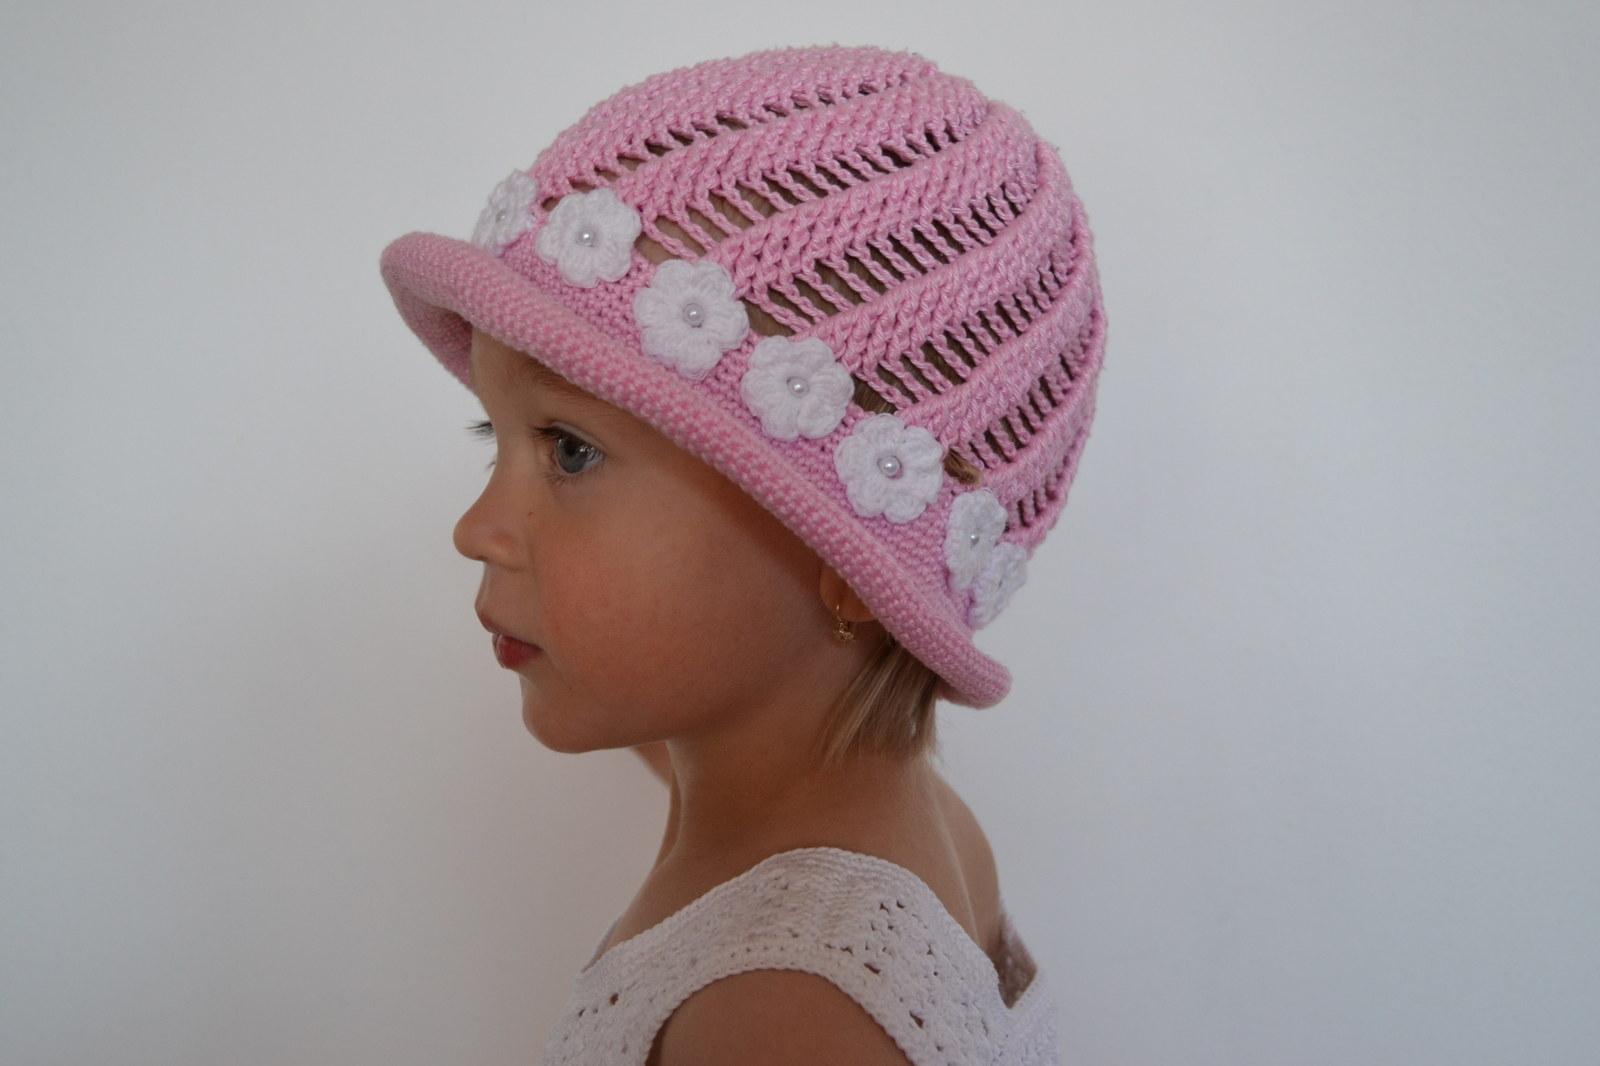 5b976de073e Háčkovaný dívčí klobouček spirálový   Zboží prodejce lenajun